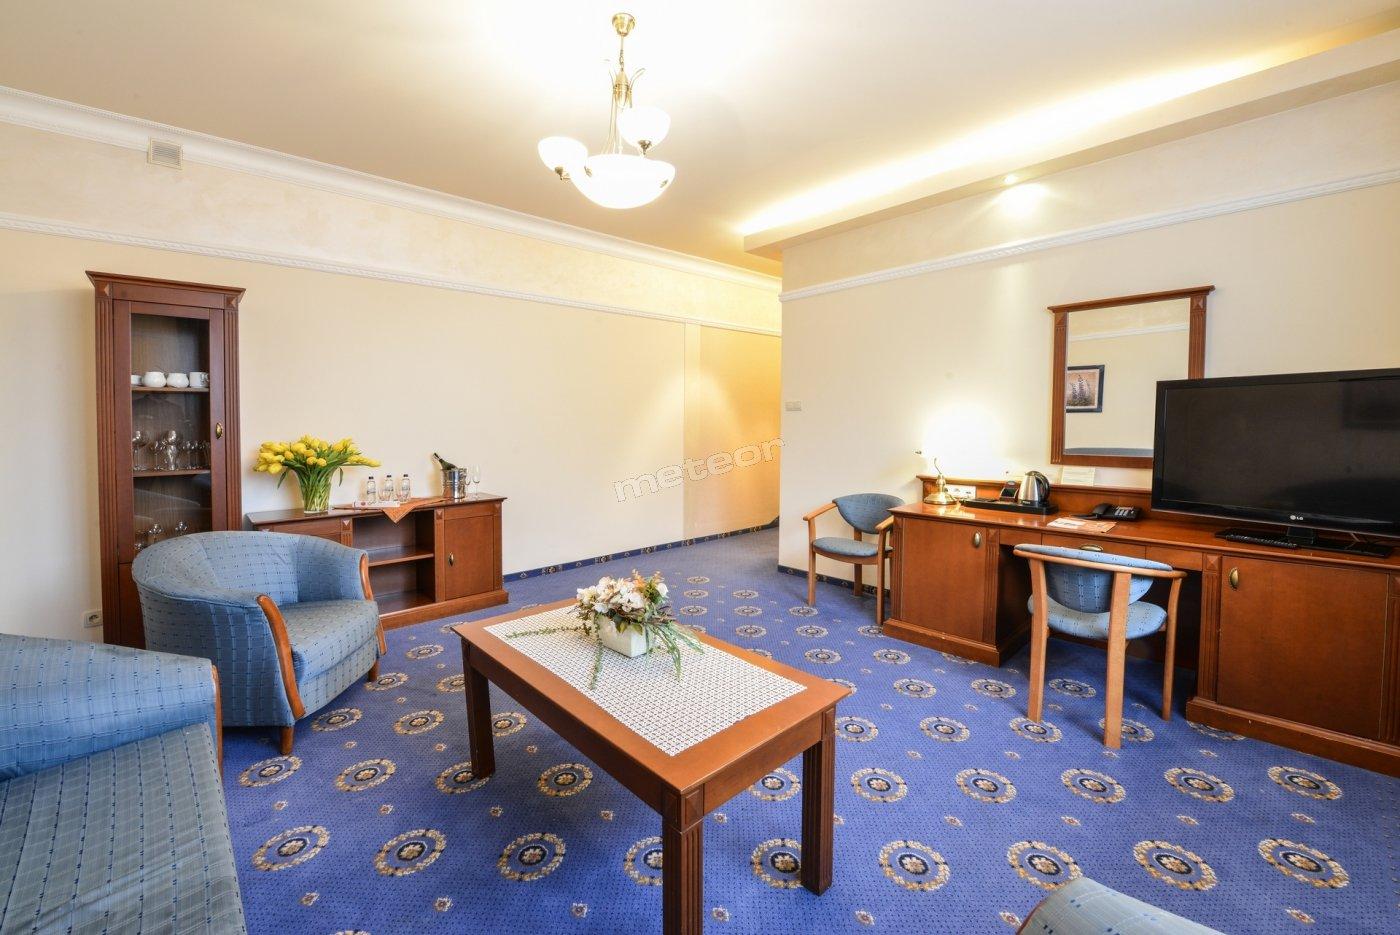 1 spa hotel jawor jaworze w jaworzu opinie dojazd for 15 115 salon kosmetyczny opinie